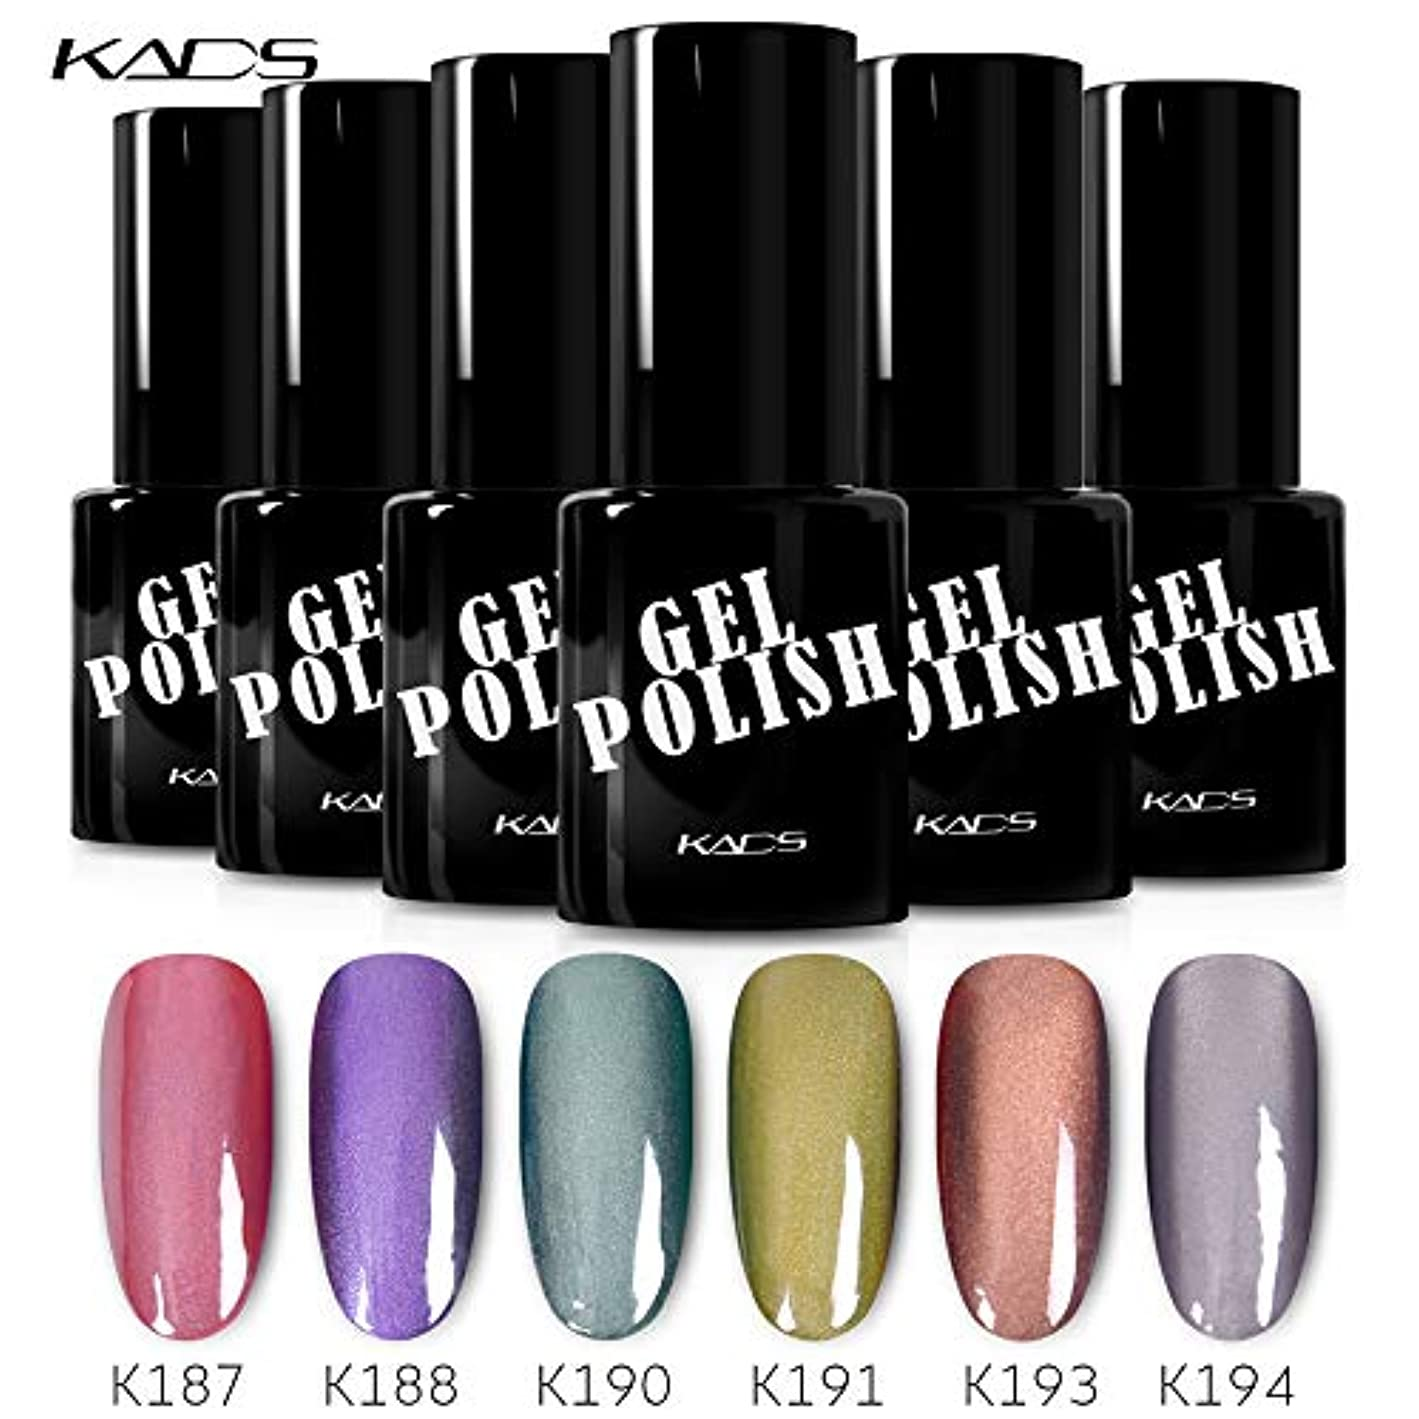 魅惑的な方向寂しいKADS カラージェル ジェルネイル カラーポリッシュ 6色入り キャッツアイジェル パープル/ピンク/グレー カラージェル UV/LED対応 艶長持ち (セット7)